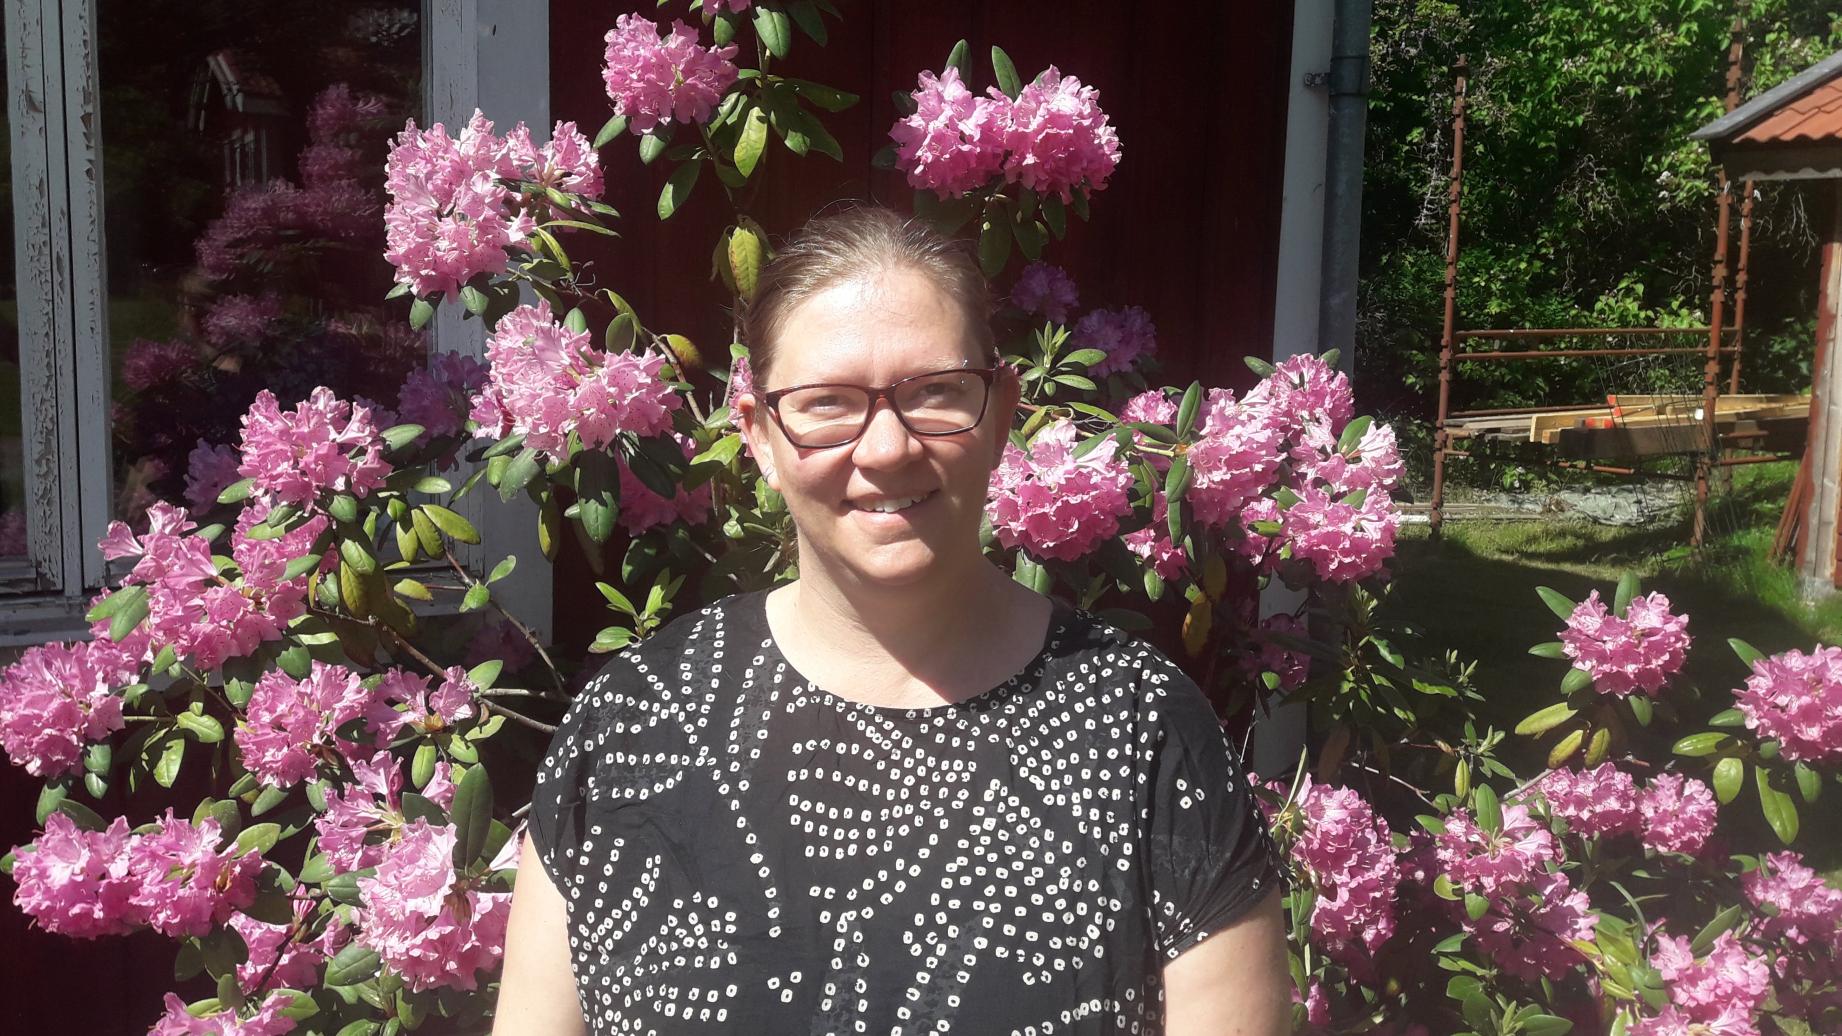 Kvinna med uppsatt hår och glasögon utomhus framför en lila rododendronbuske, foto